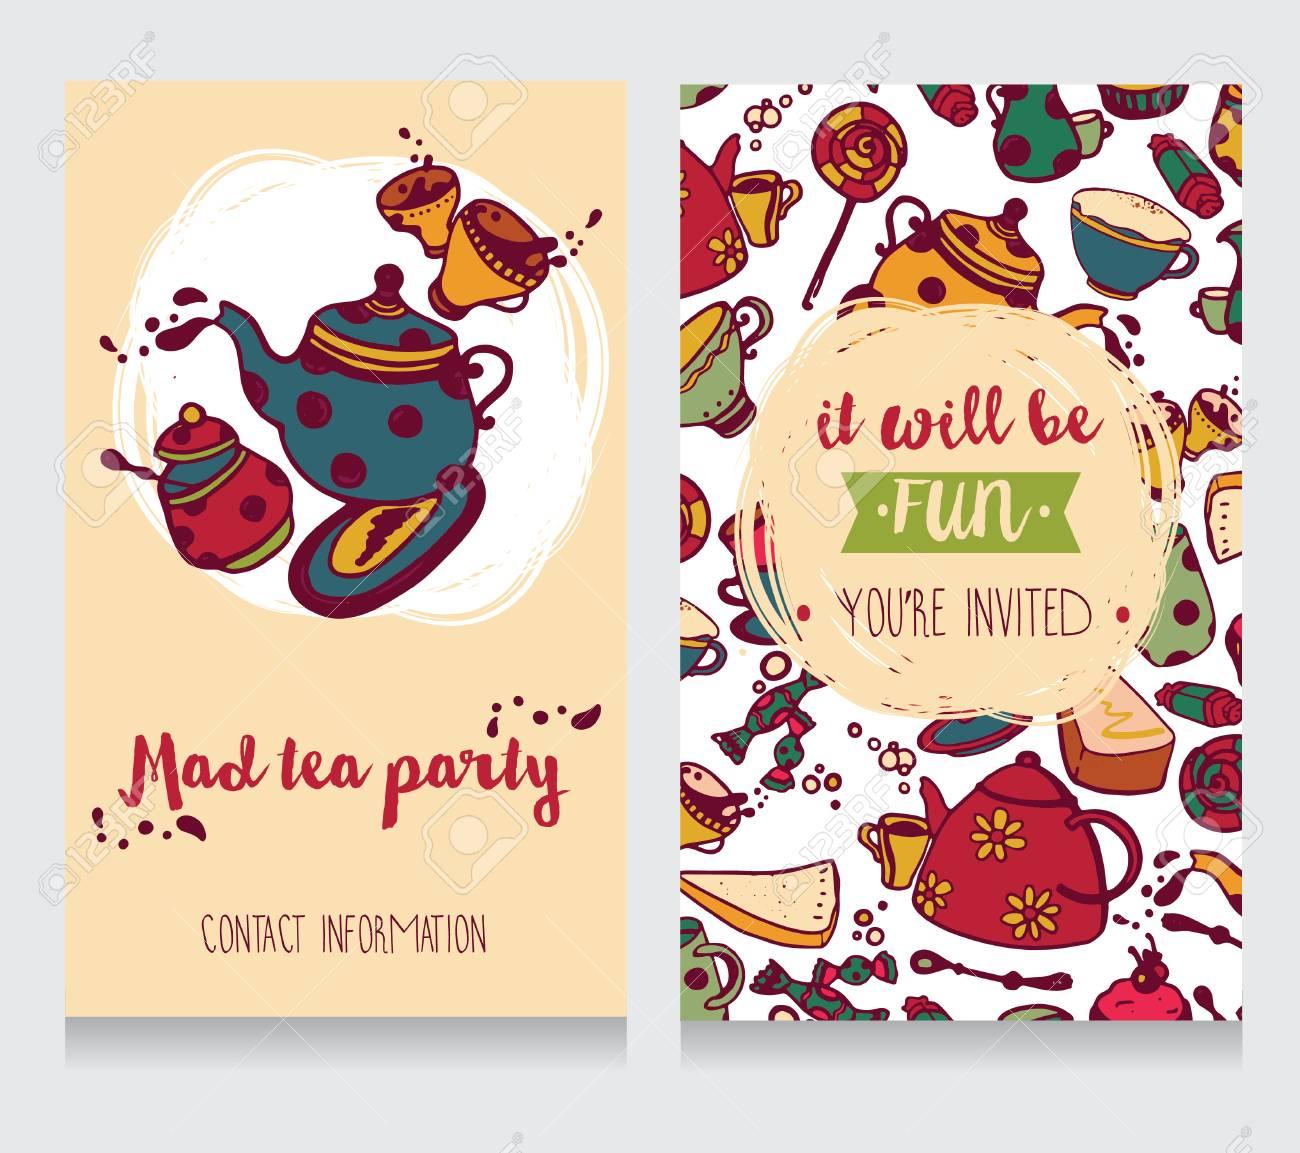 Tarjeta De Invitación Para Una Fiesta De Té Ilustración Vectorial